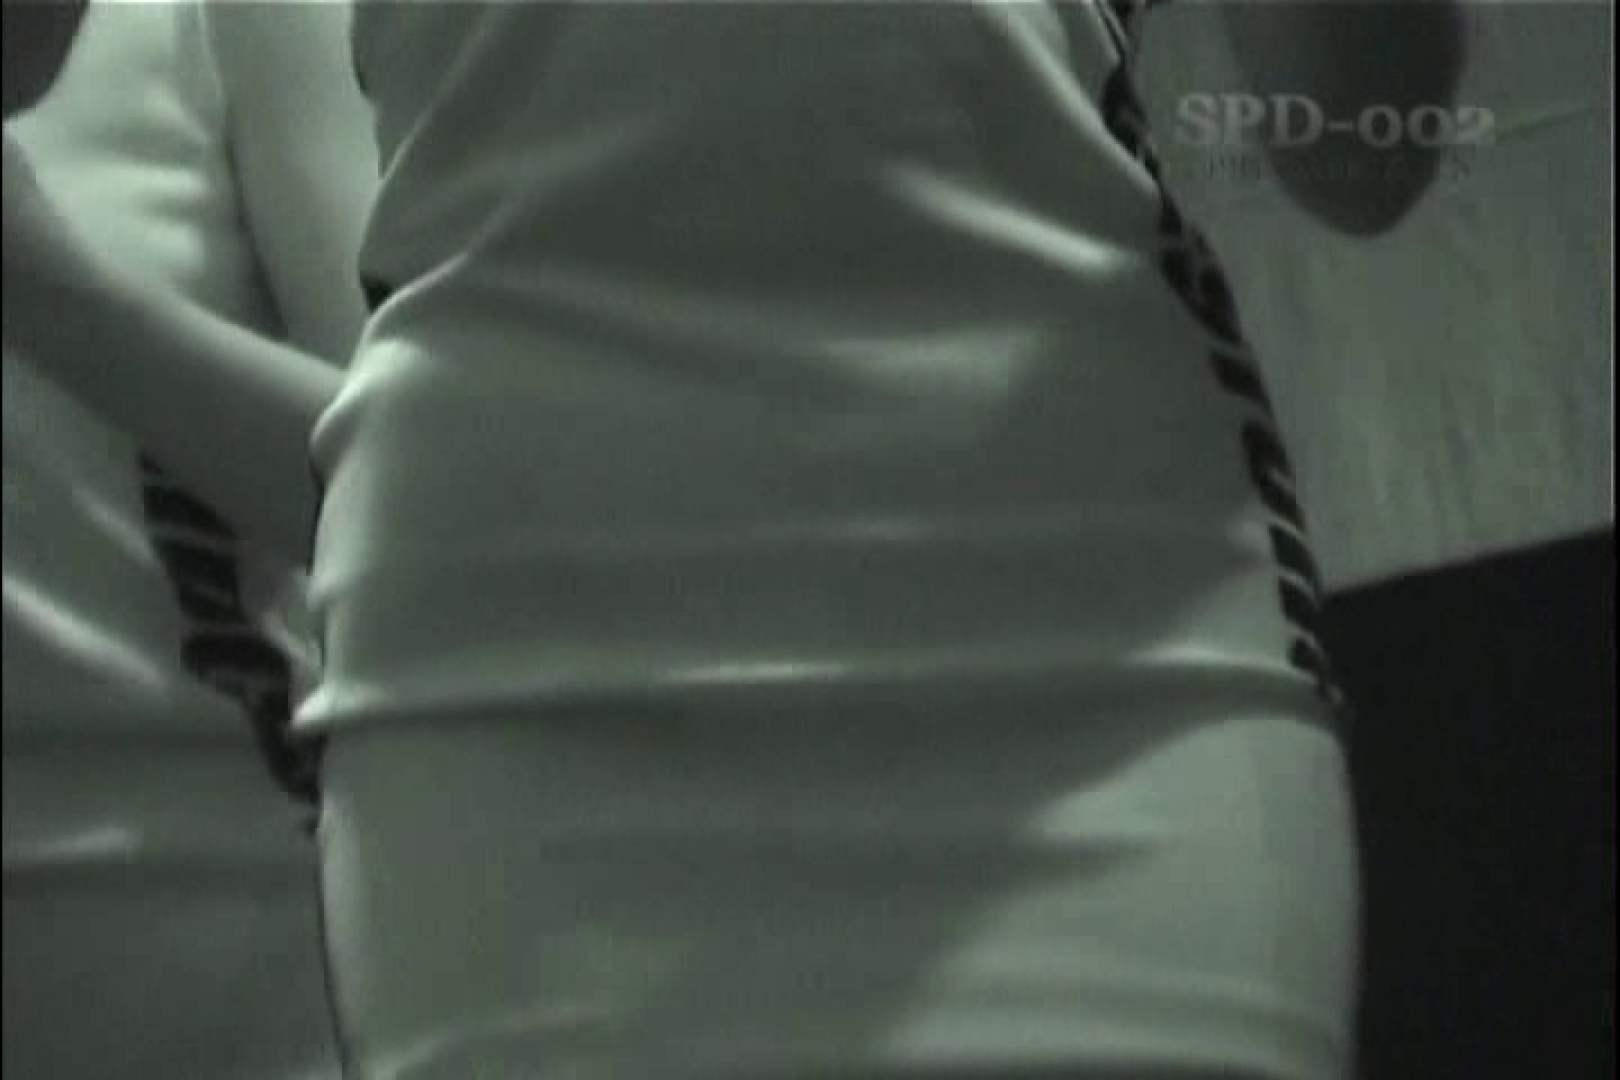 高画質版!SPD-002 レースクイーン 赤外線&盗撮 プライベート アダルト動画キャプチャ 92連発 63